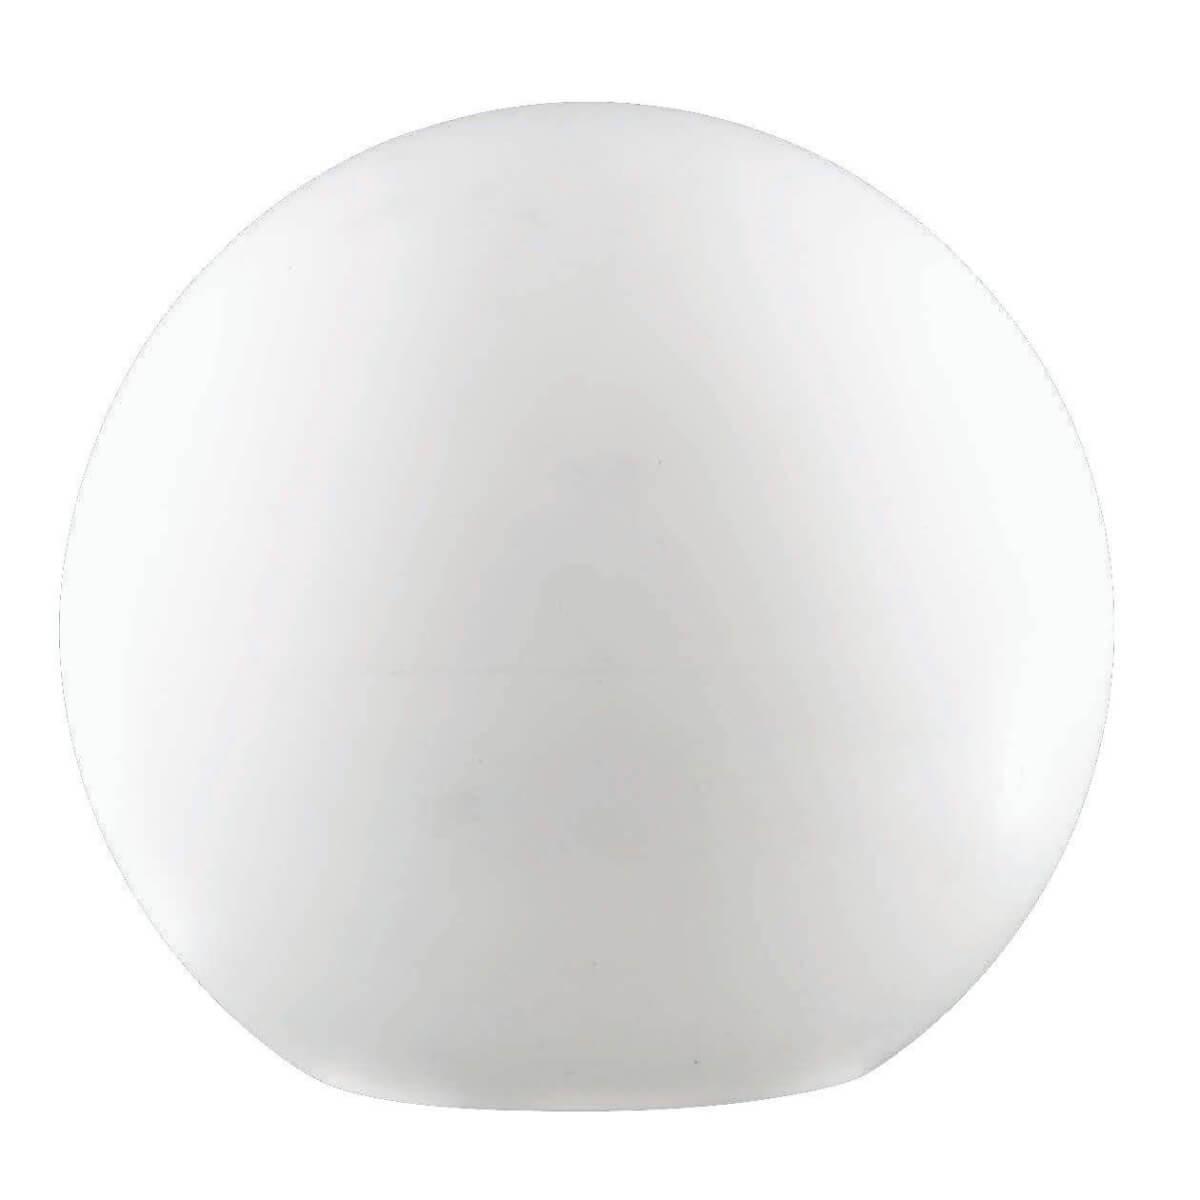 Уличный светильник Ideal Lux Sole PT1 Big, E27